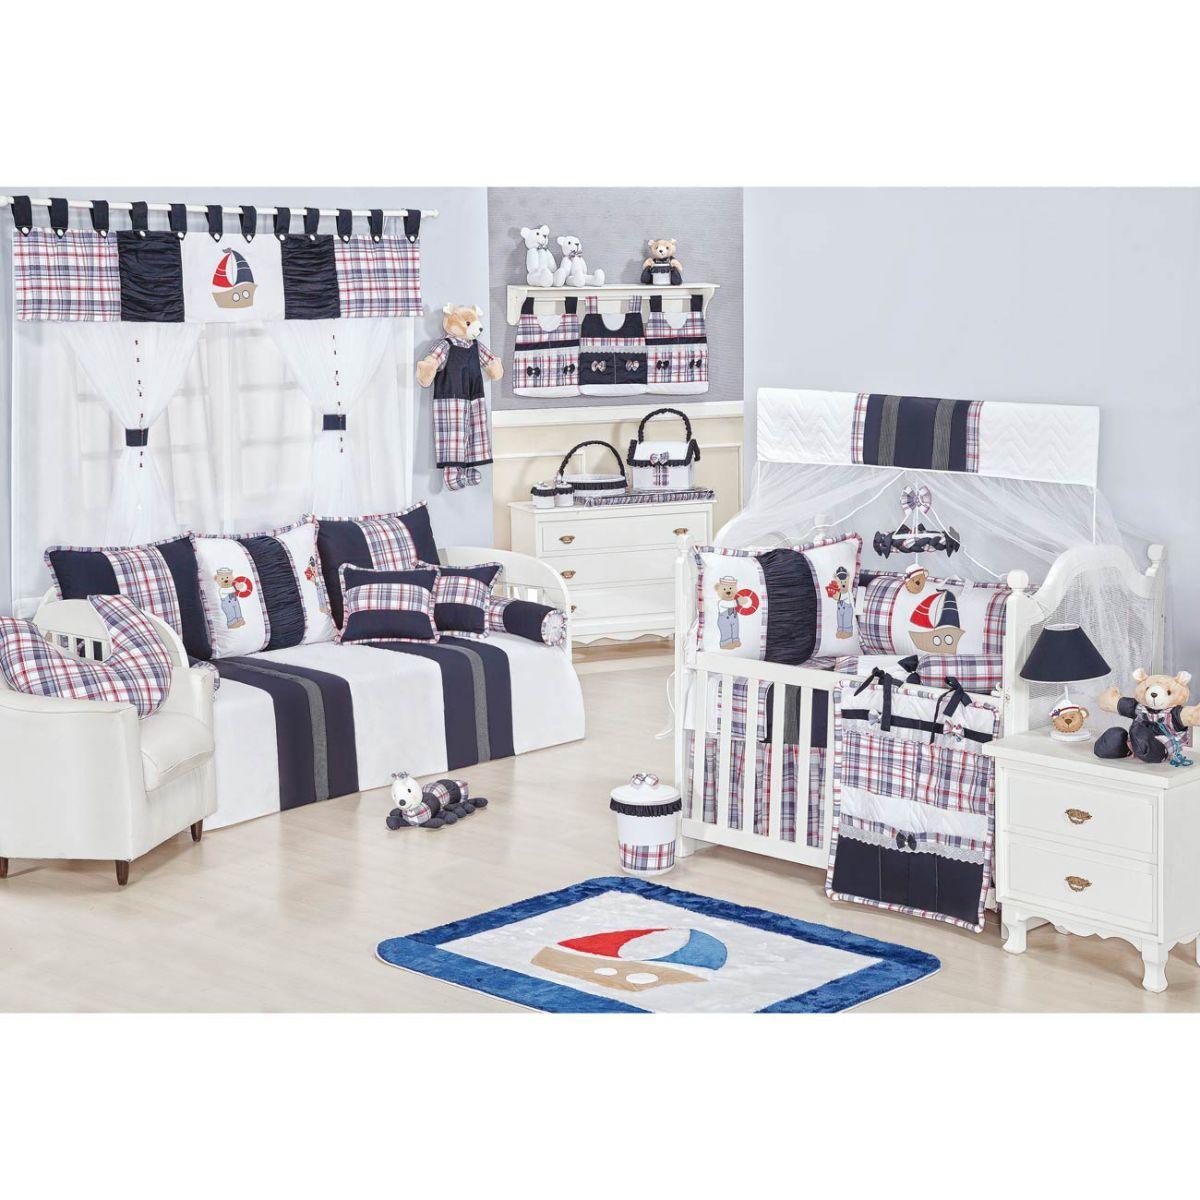 Apoio para Amamentar Bebê - Coleção Sailor